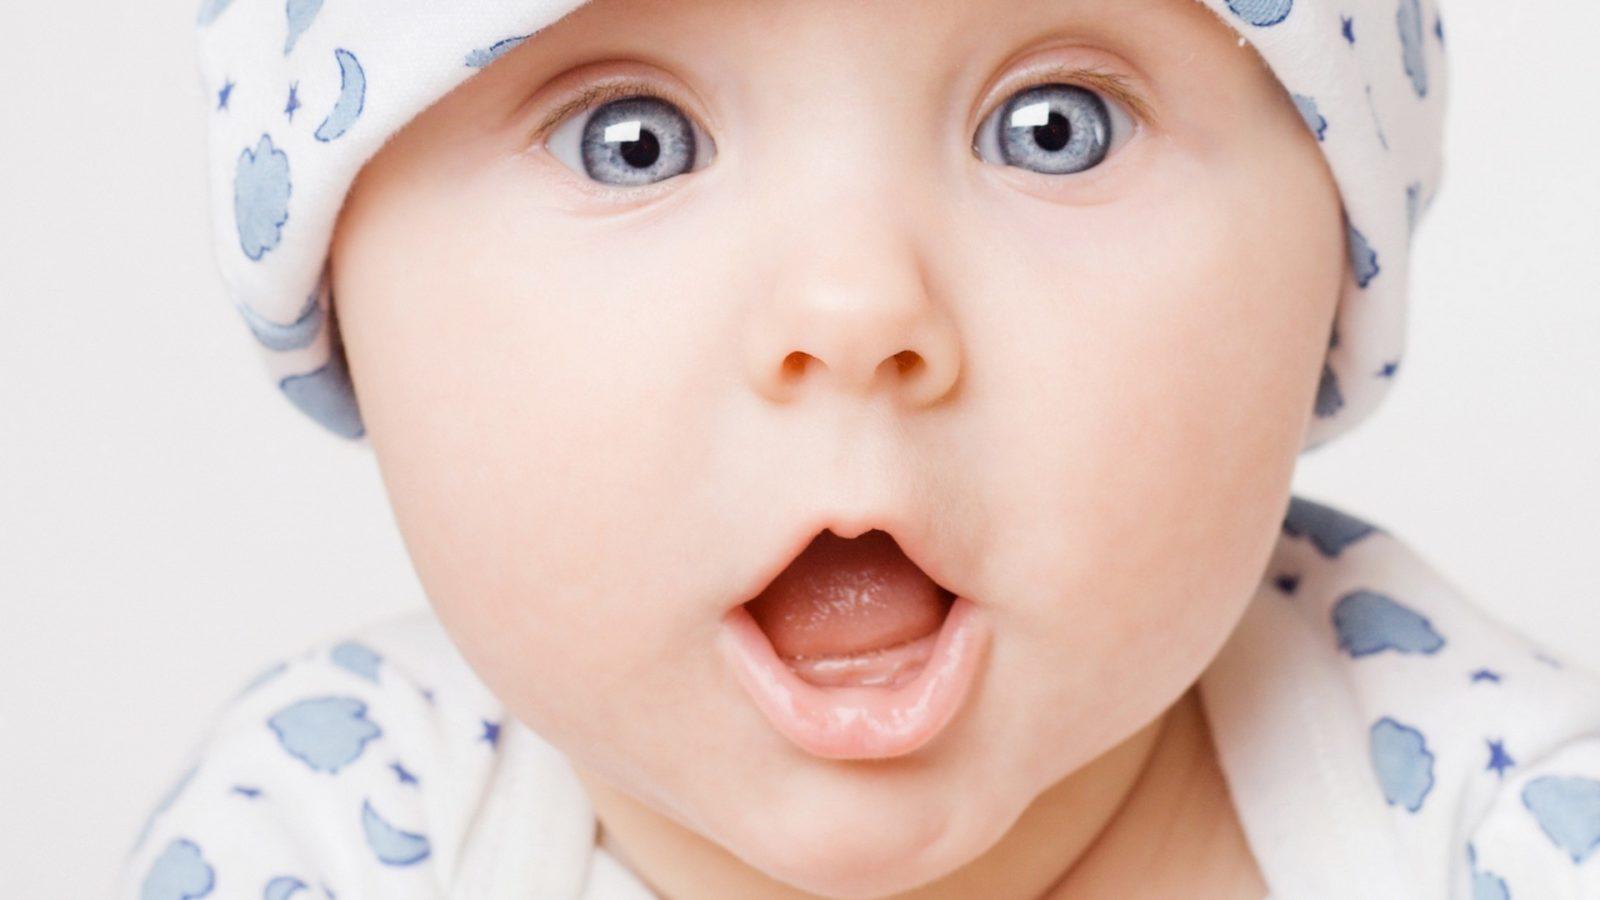 Голубой цвет глаз у новорожденных